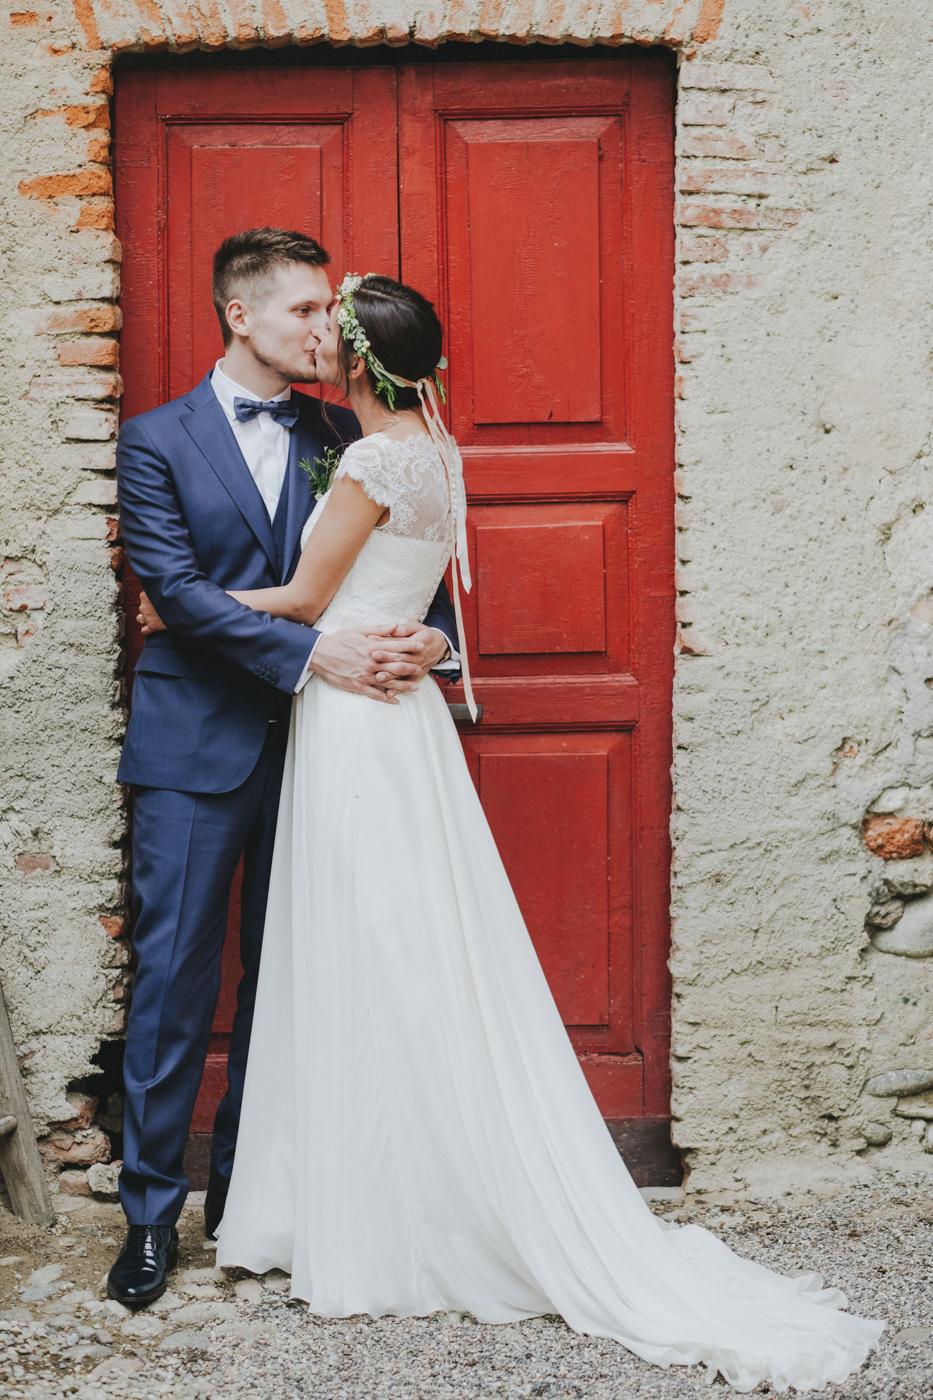 fotografo matrimonio como-146.jpg